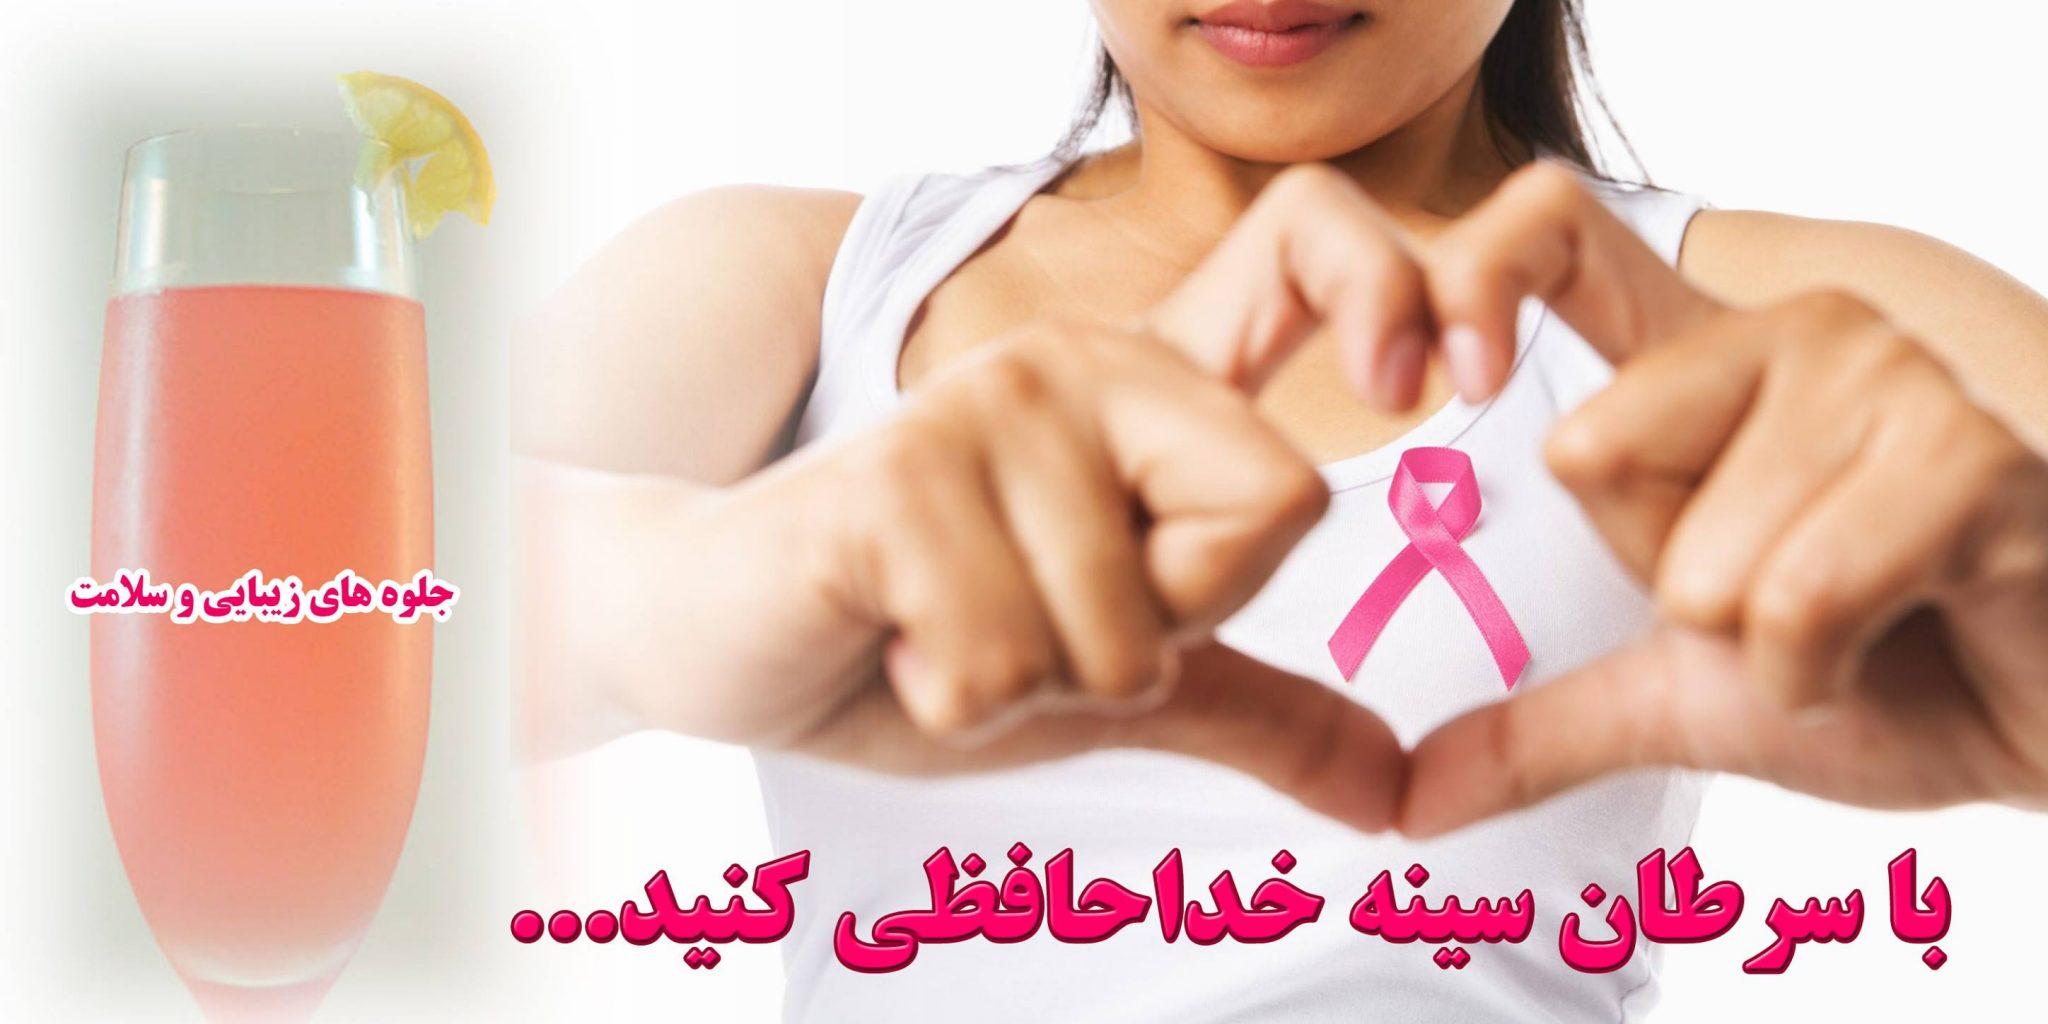 عکس نشانه های سرطان سینه و راههای تشخیص ان